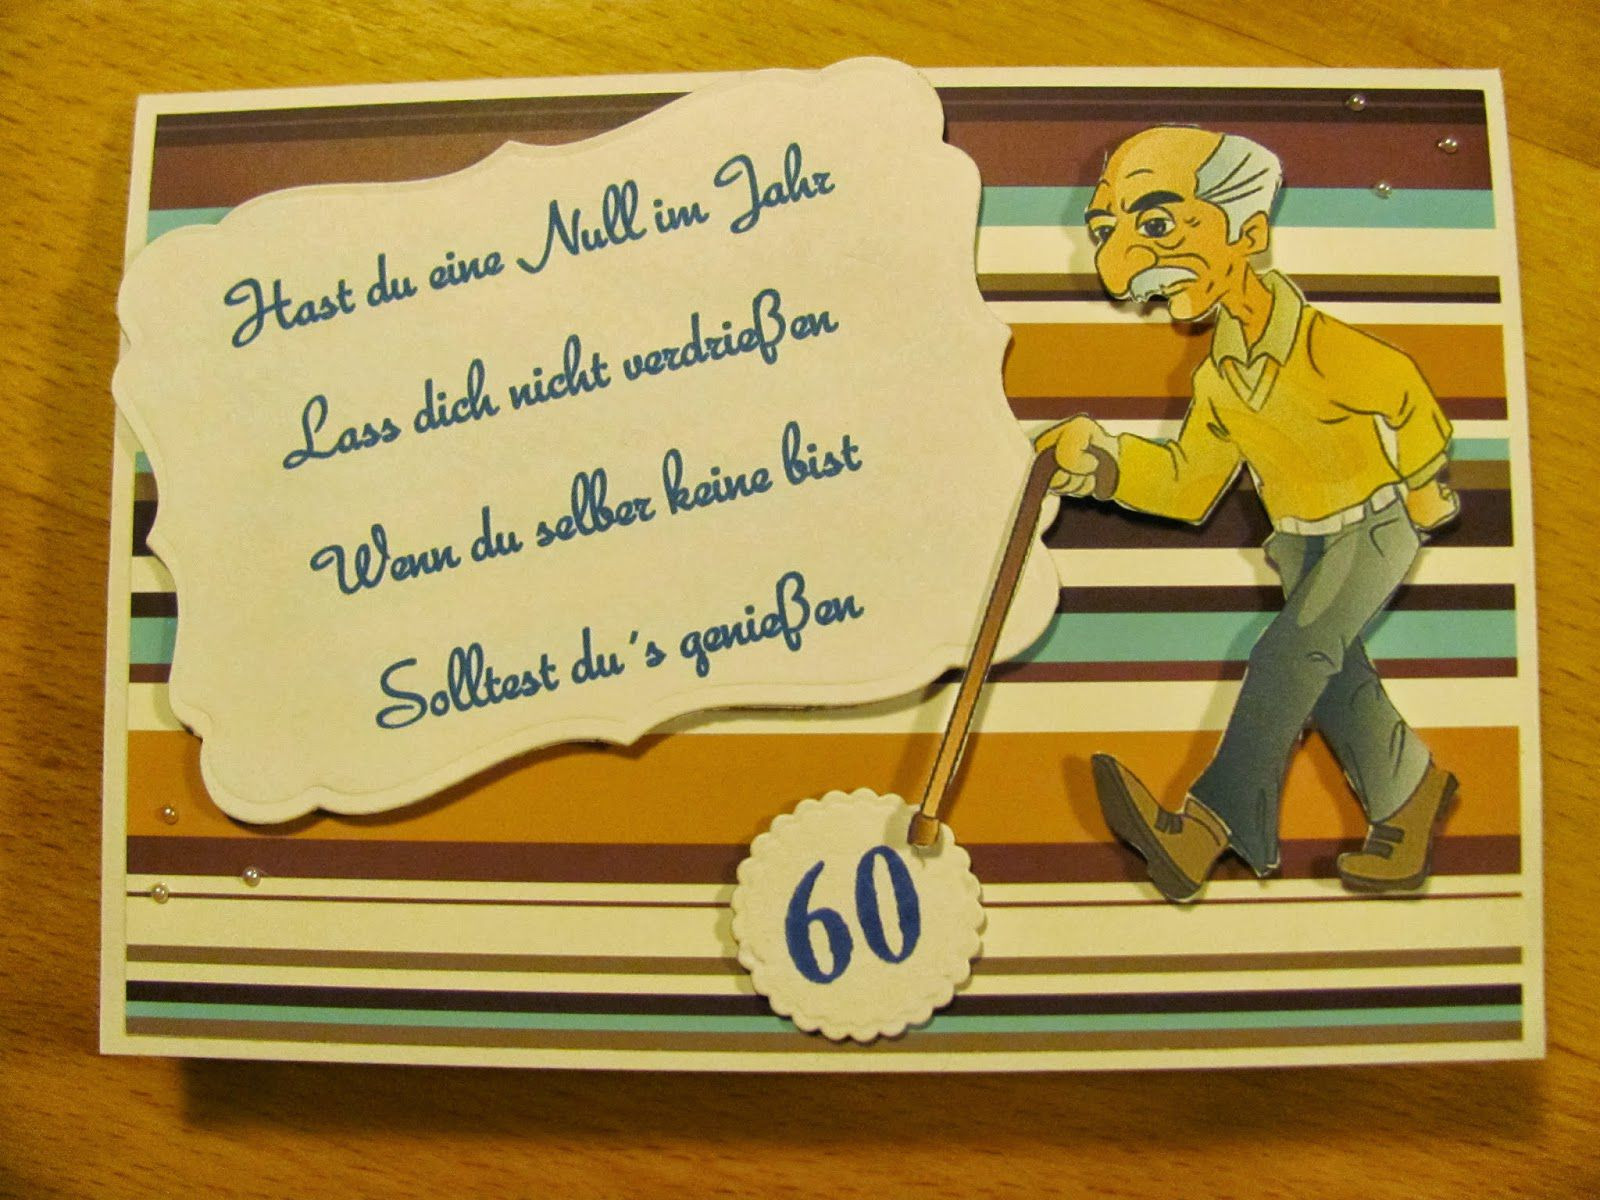 Lustige Geschenke Zum 60. Geburtstag Für Männer  Lustige Geschenke Zum 60 Geburtstag Für Männer